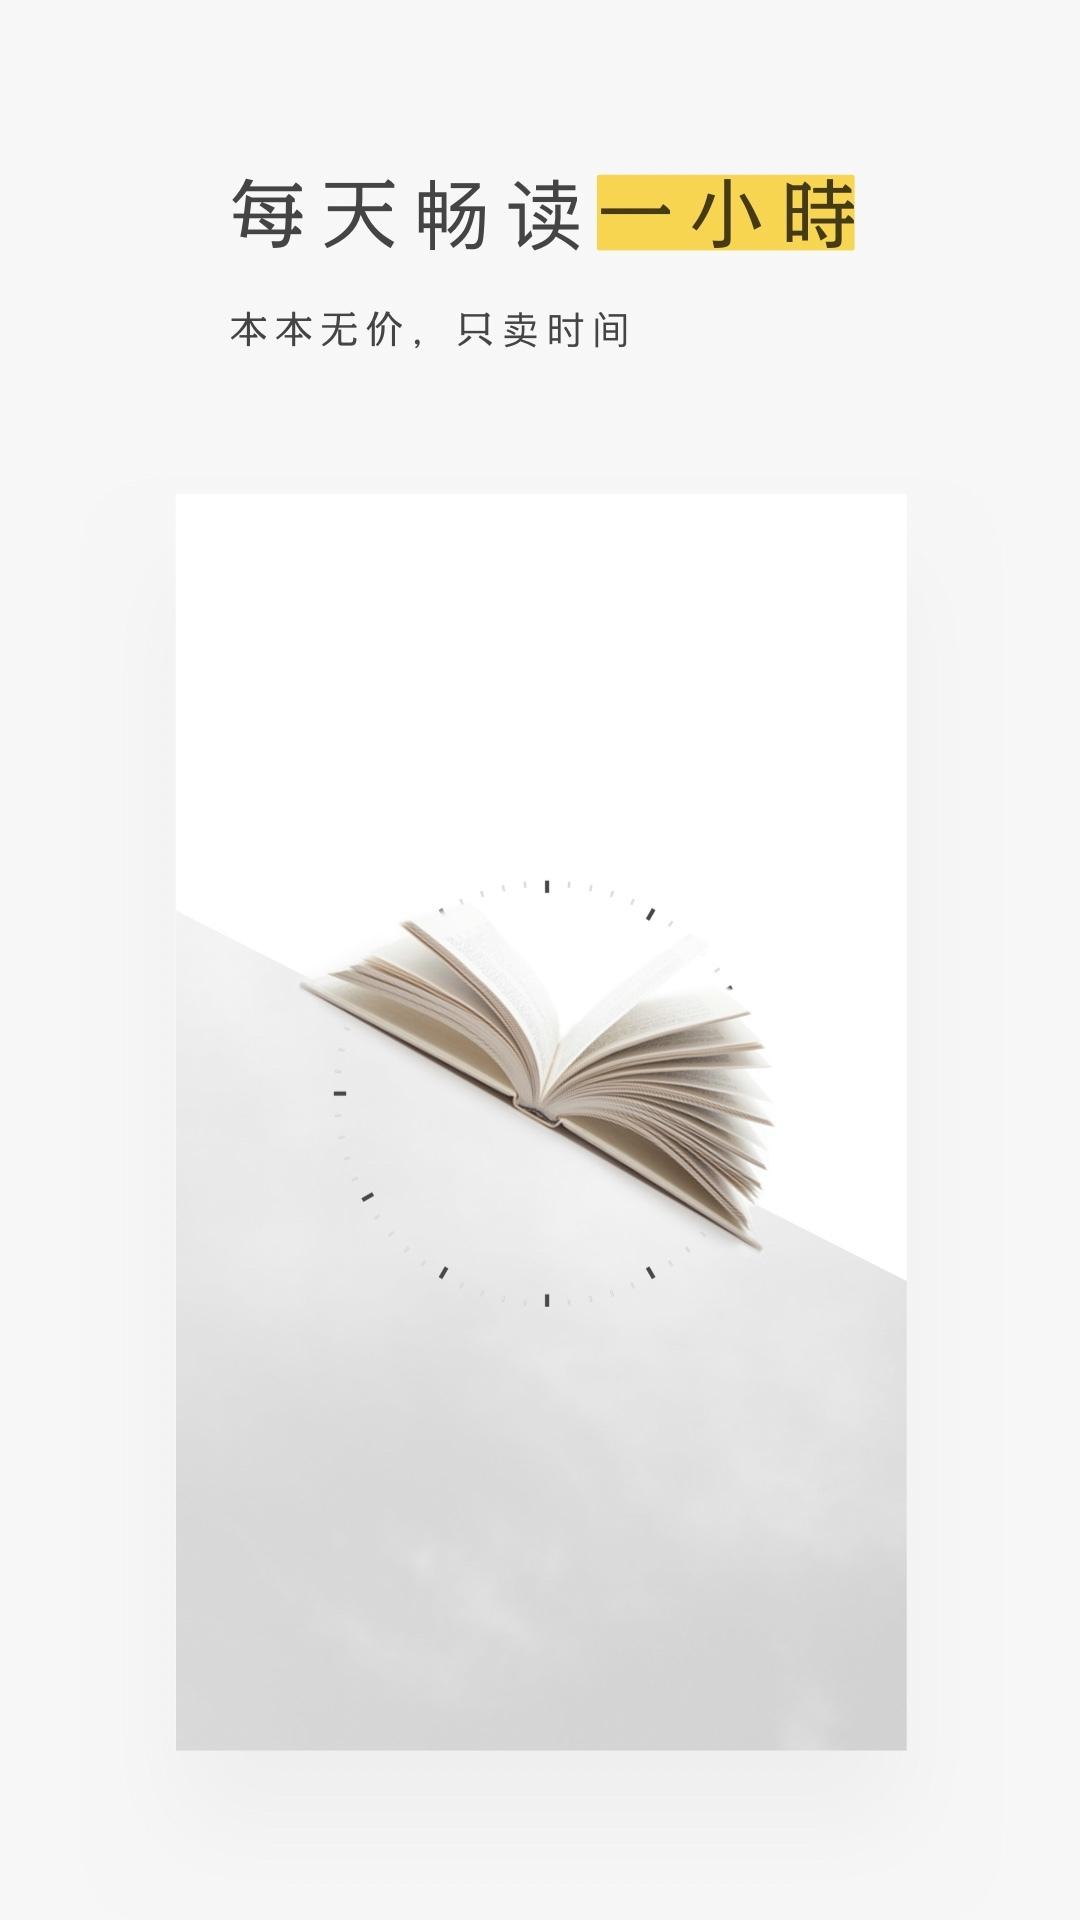 网易蜗牛读书去广告版 V1.9.15 安卓版截图2